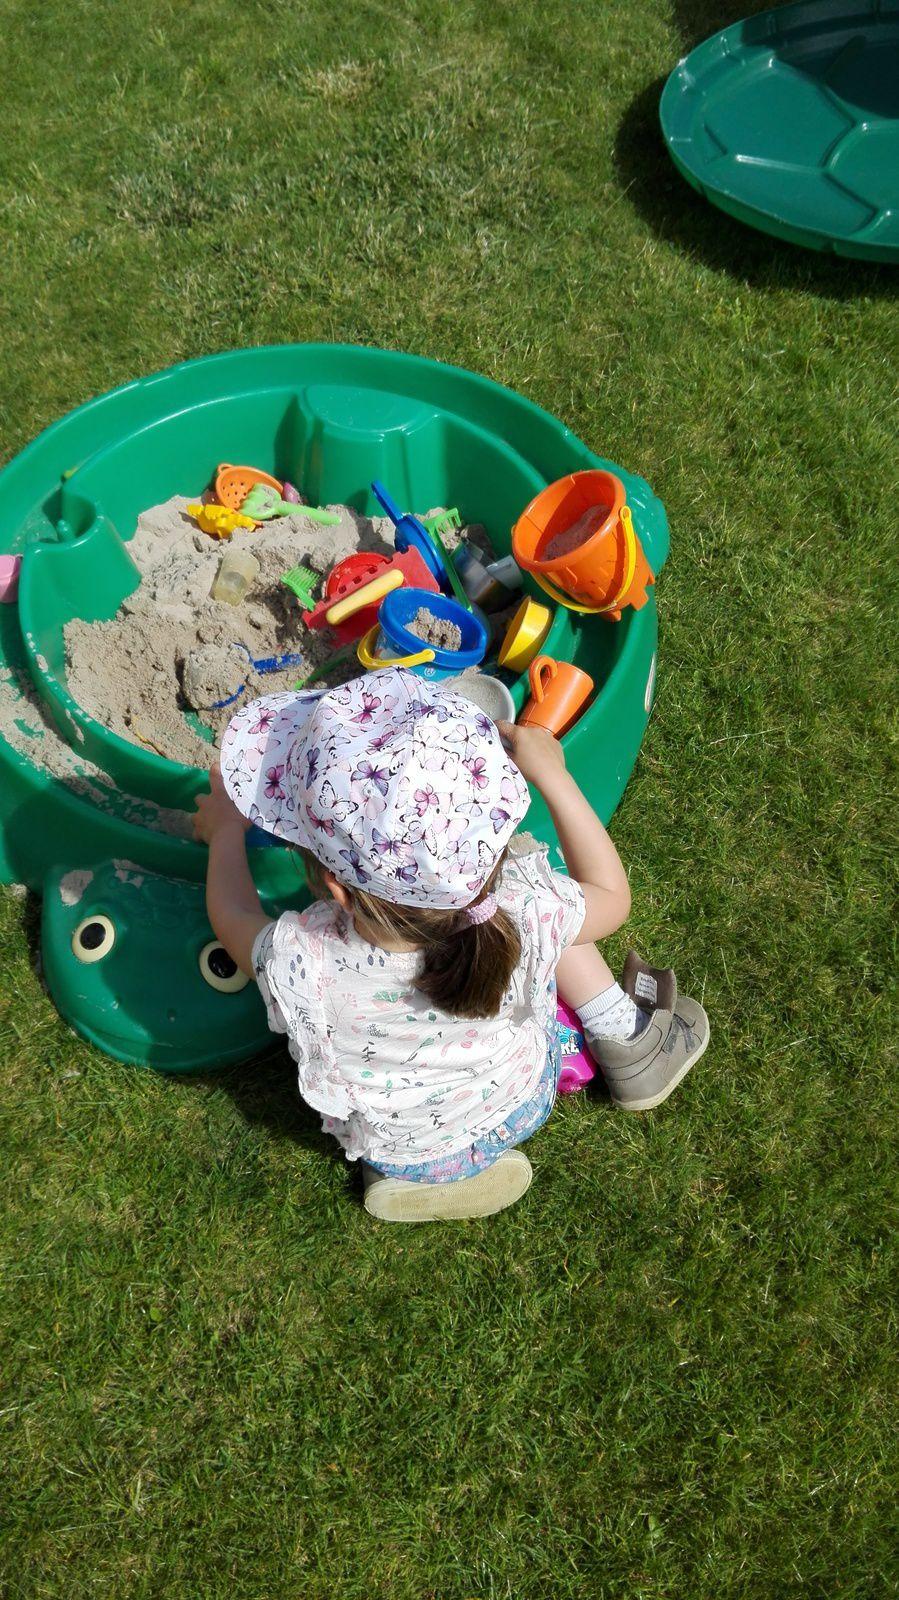 Jouer dans le sable dans le jardin...le bonheur